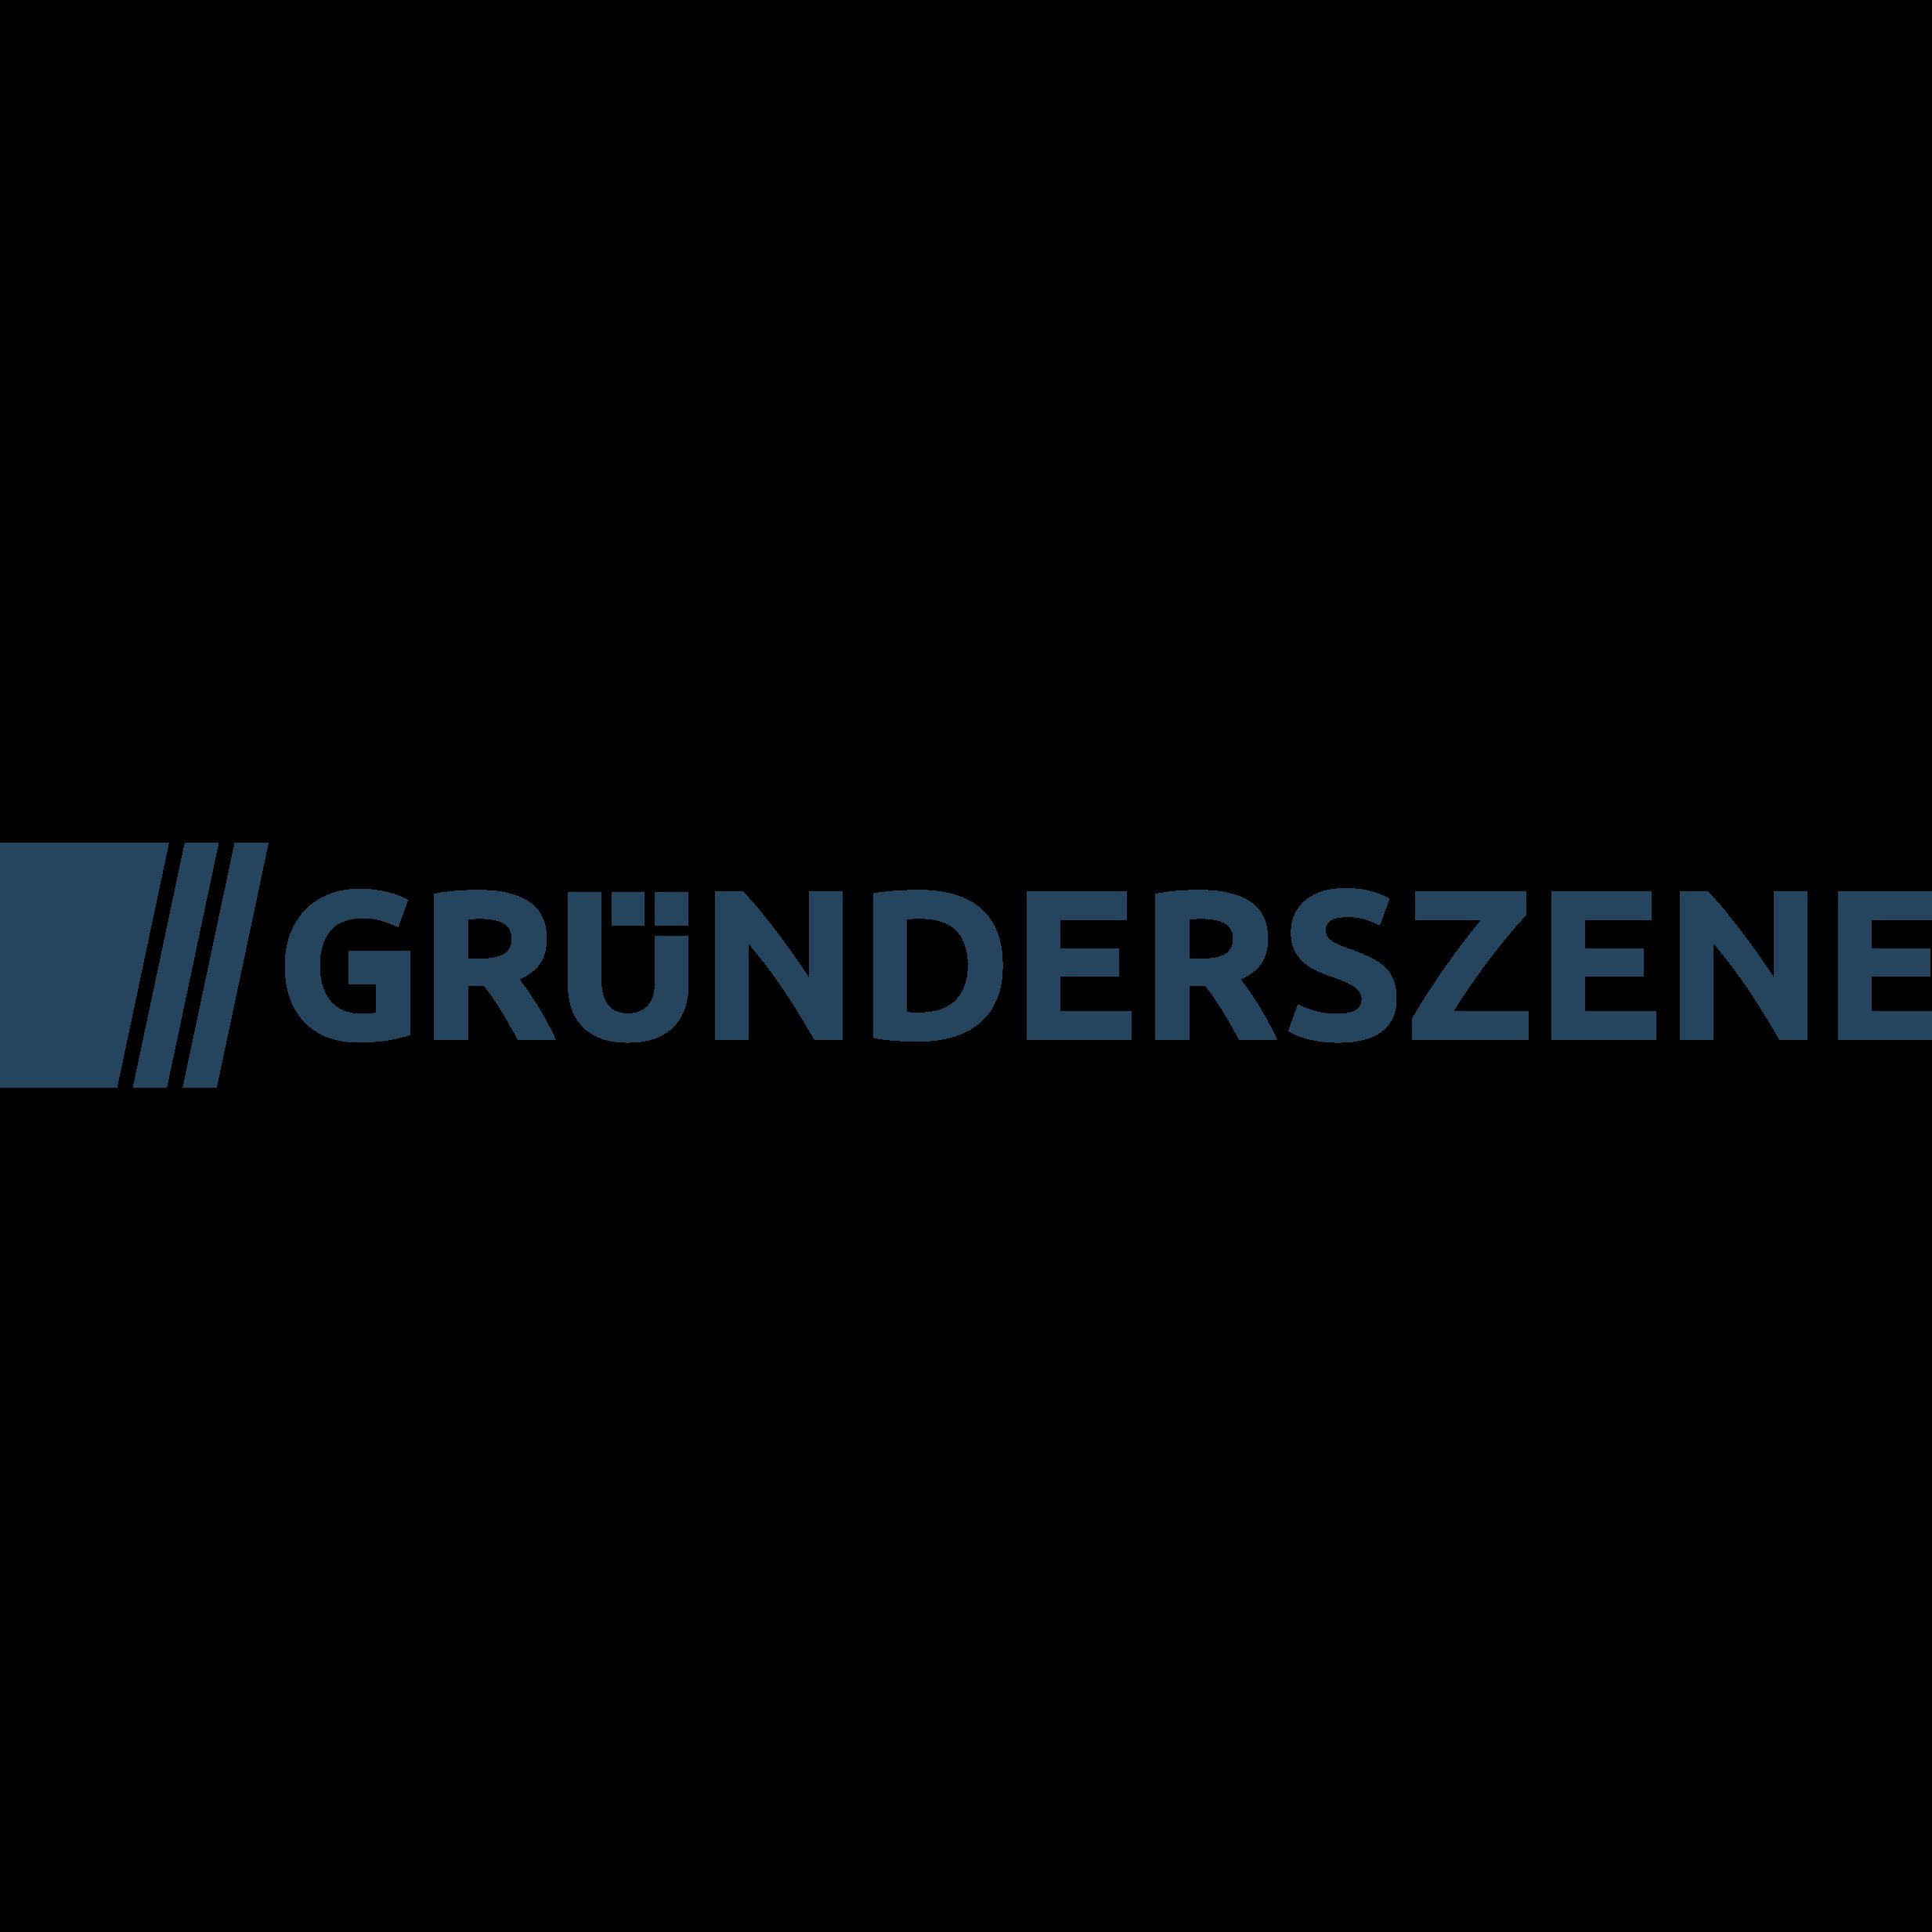 Target Partners - Gründerszene